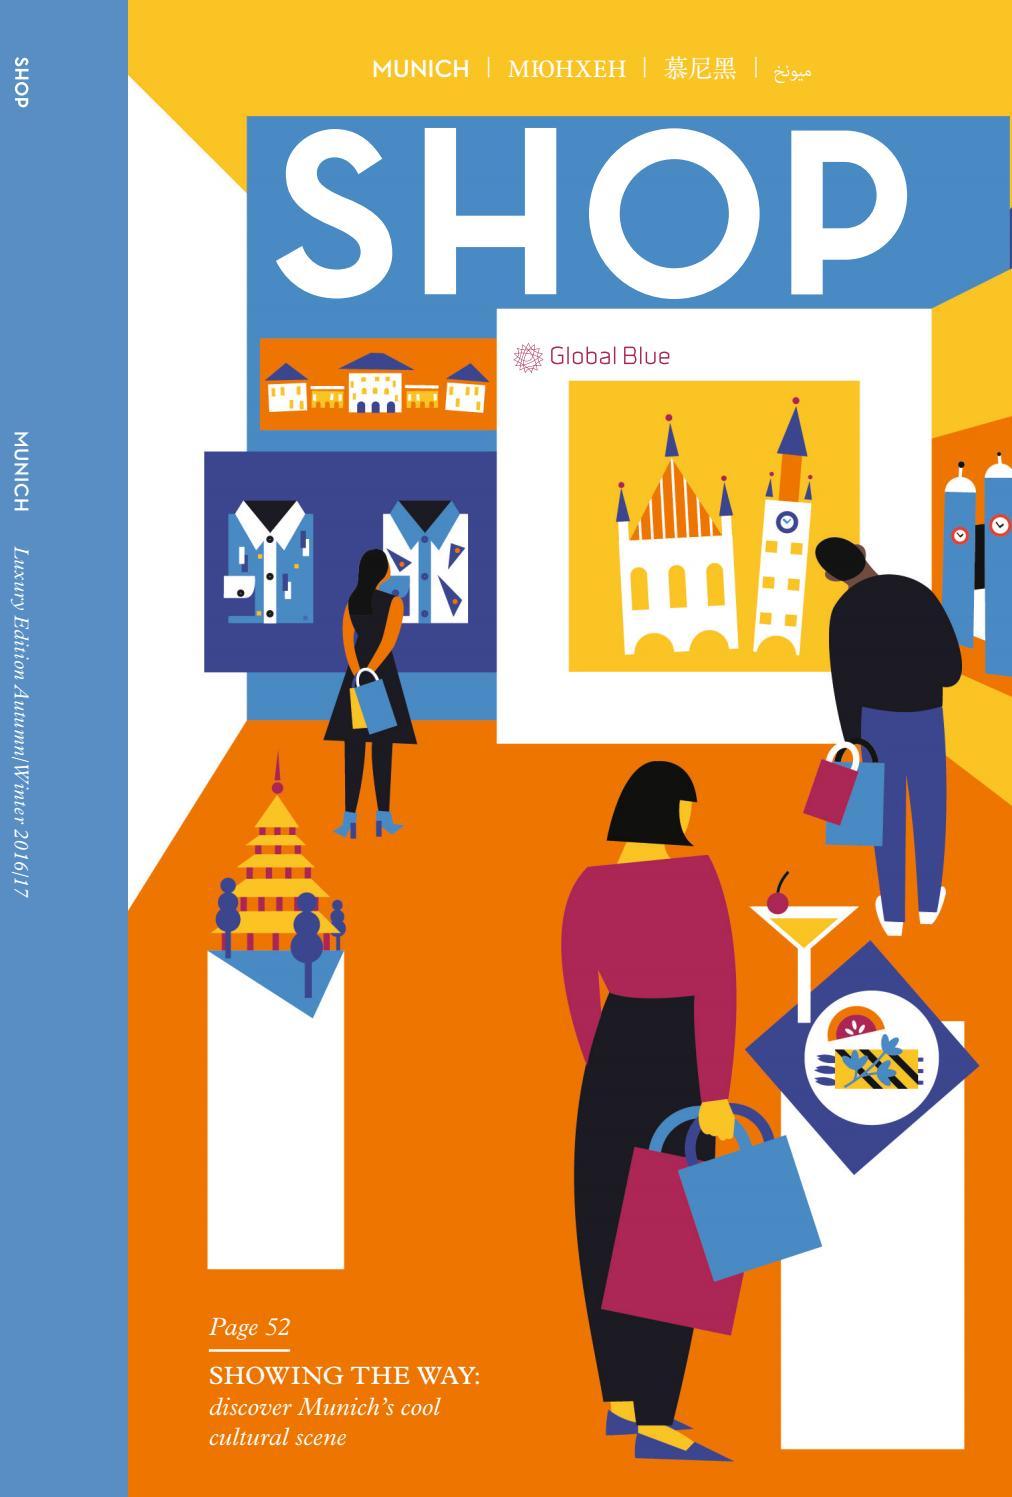 SHOP Munich AW16 by SHOP | Global Blue - issuu